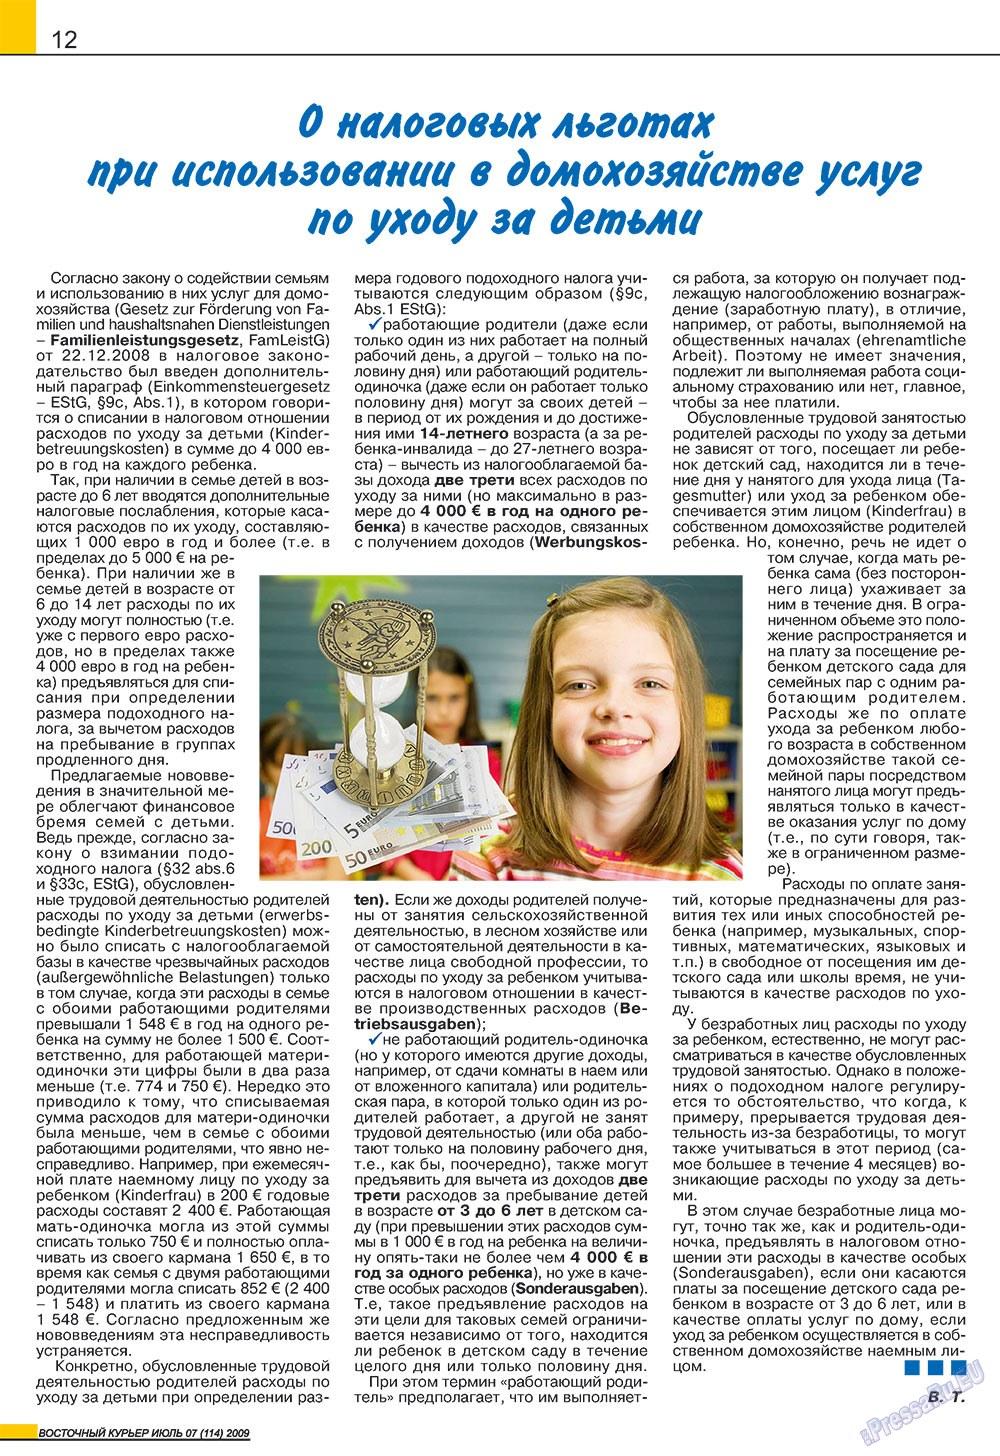 Восточный курьер (журнал). 2009 год, номер 7, стр. 12